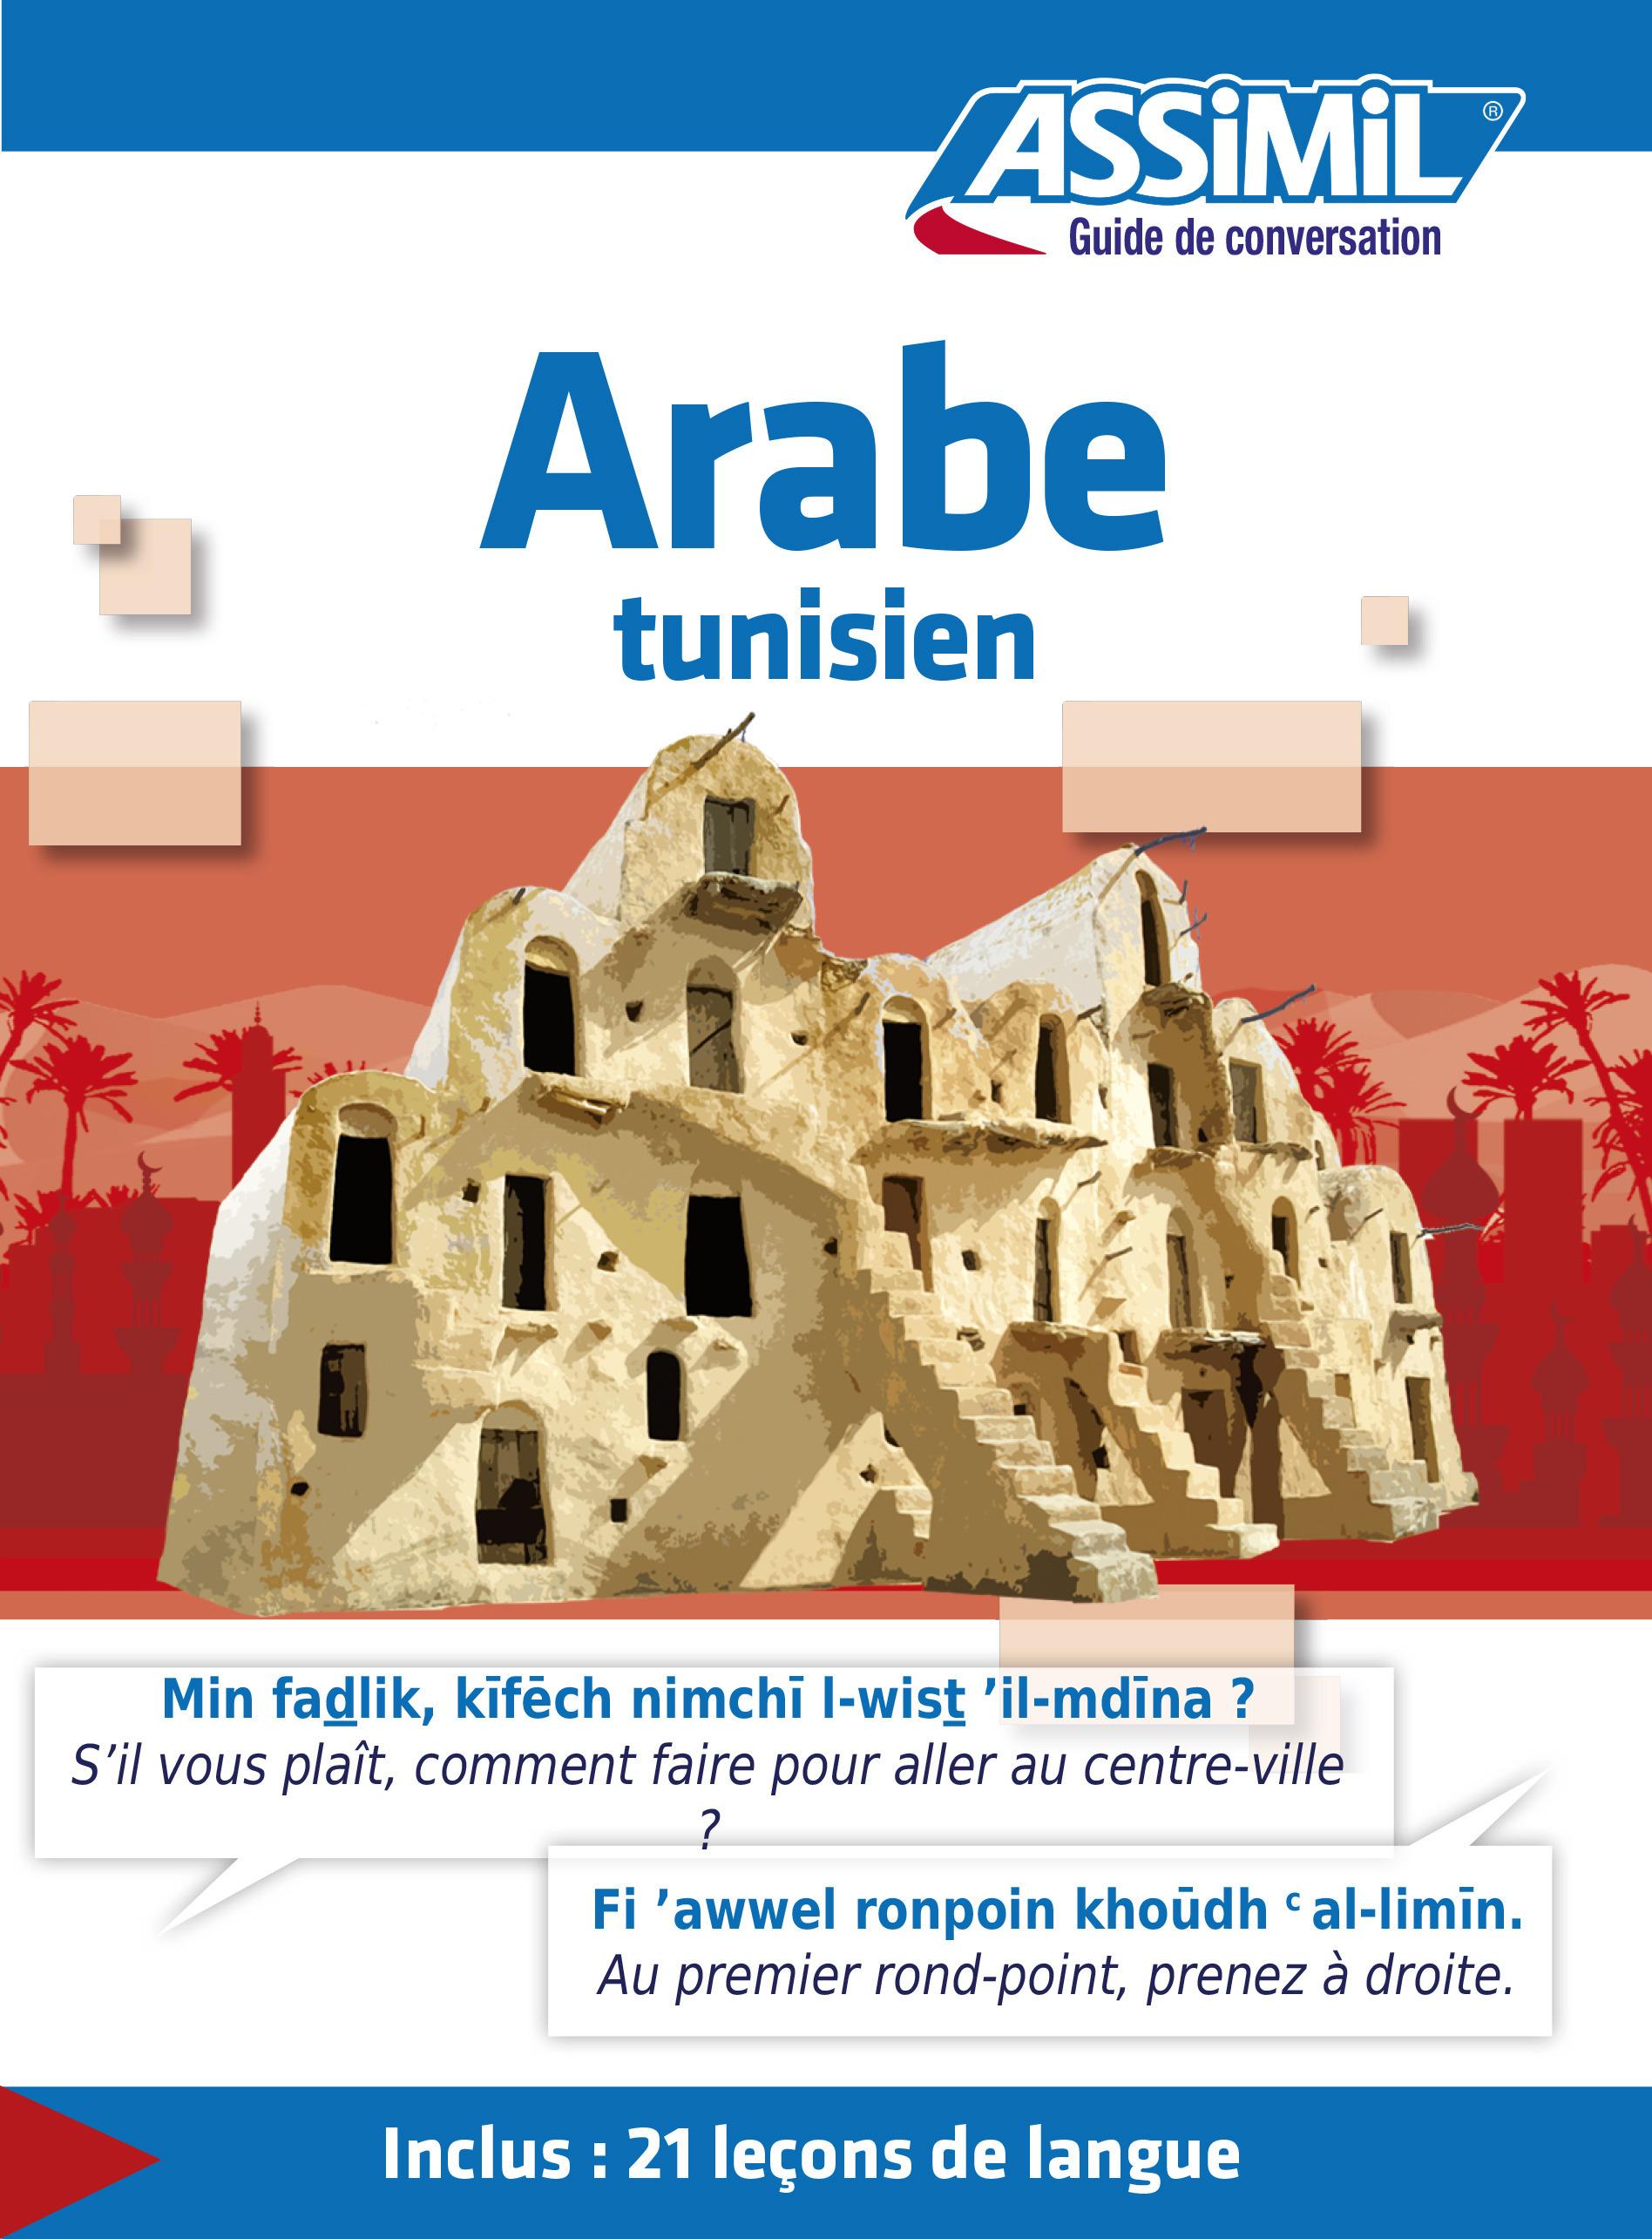 Mohamed Hnid Arabe tunisien - Guide de conversation